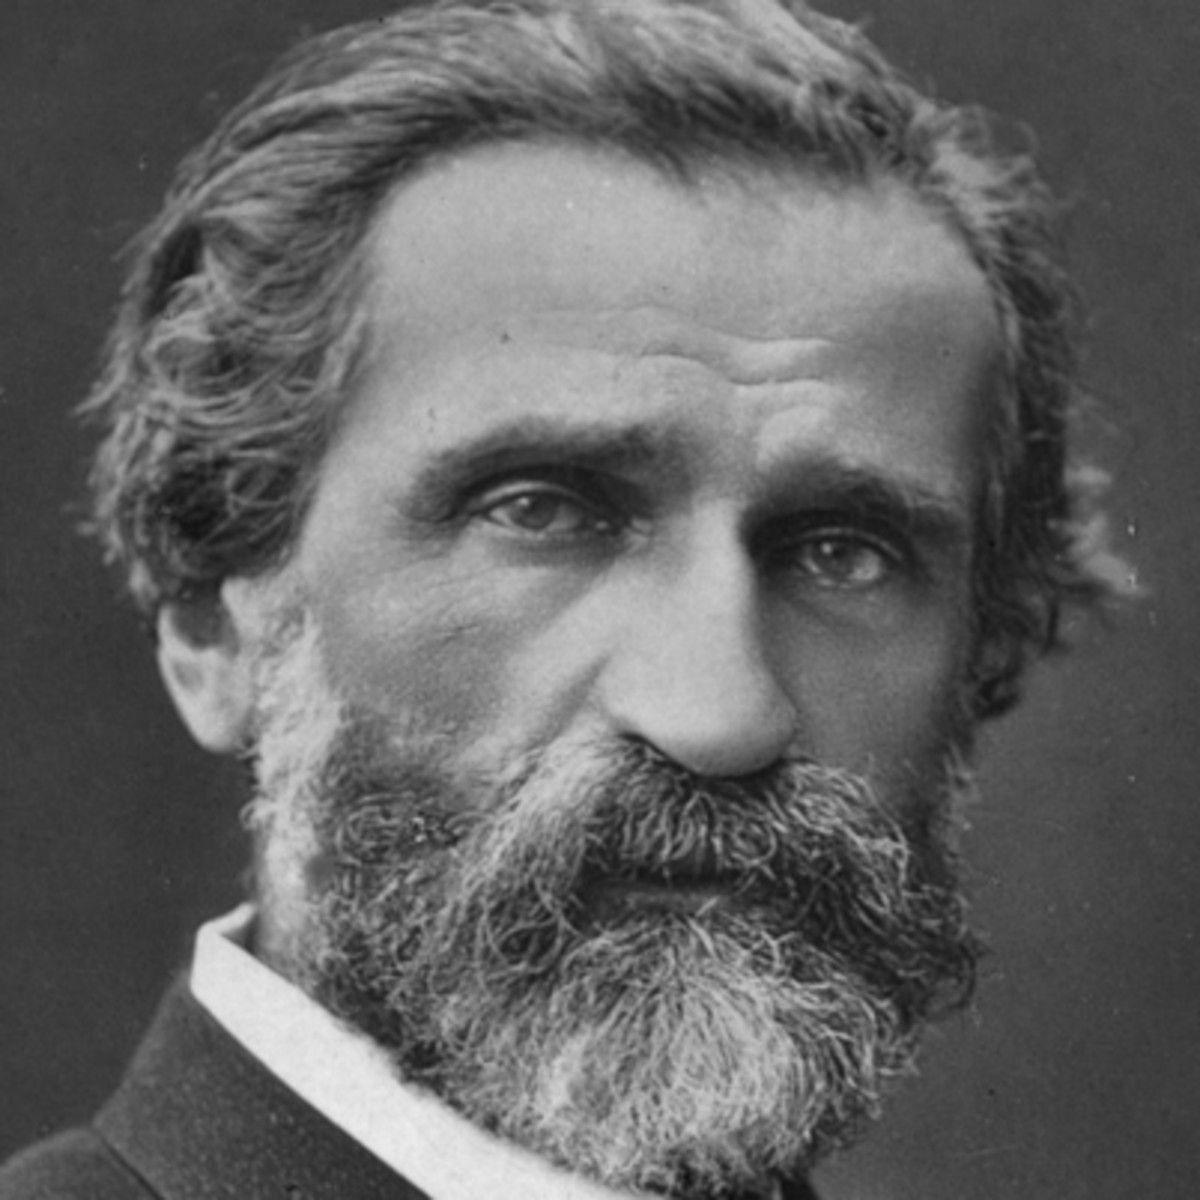 Giuseppe Verdi (1813-1901): Réquiem – Pavarotti, Horne, Sutherland, Solti, Wiener Philharmoniker